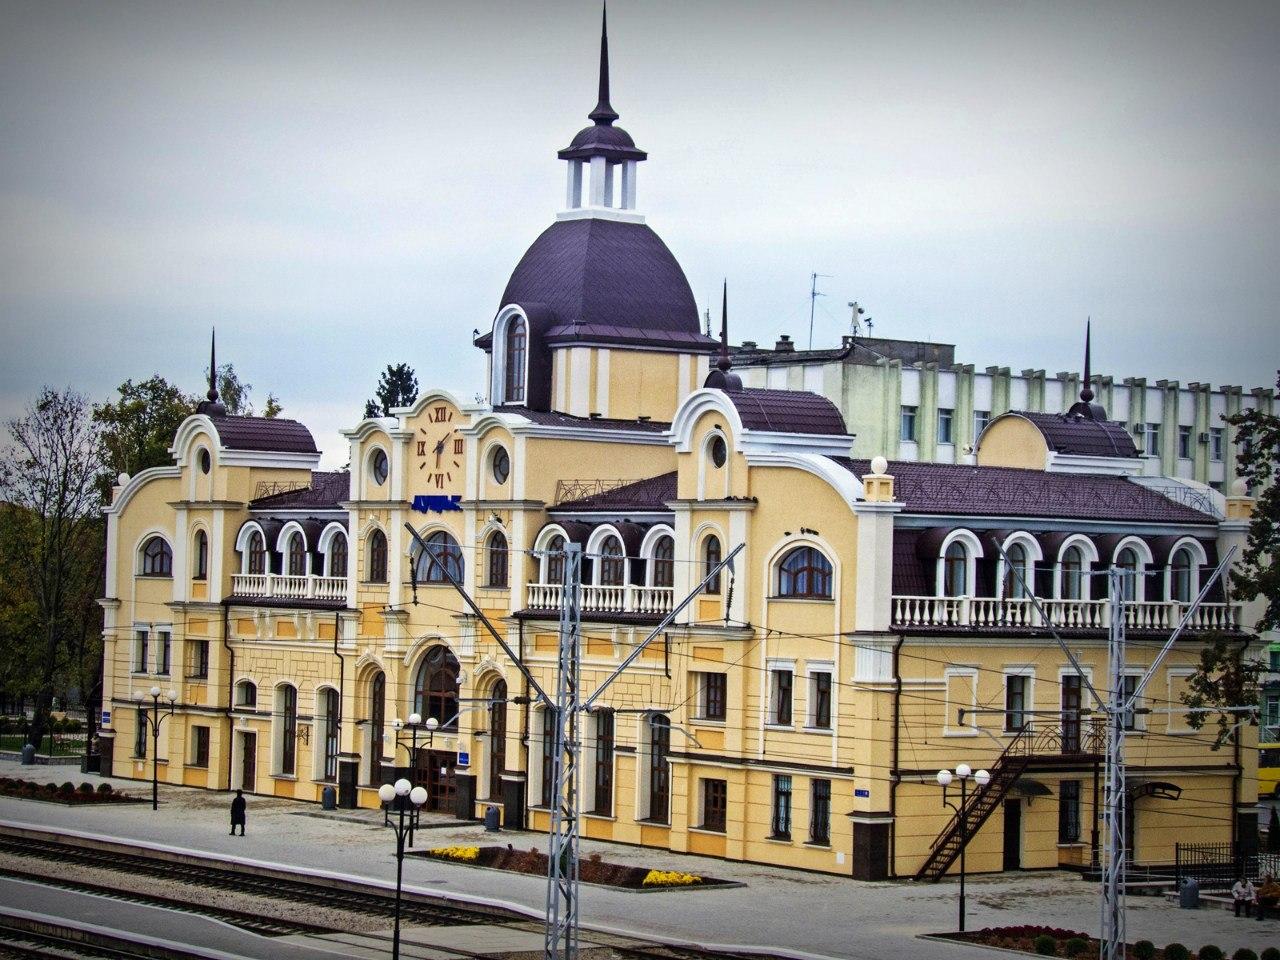 Фотограф показав фото залізничного вокзалу у Луцьку десятирічної давності. ФОТО